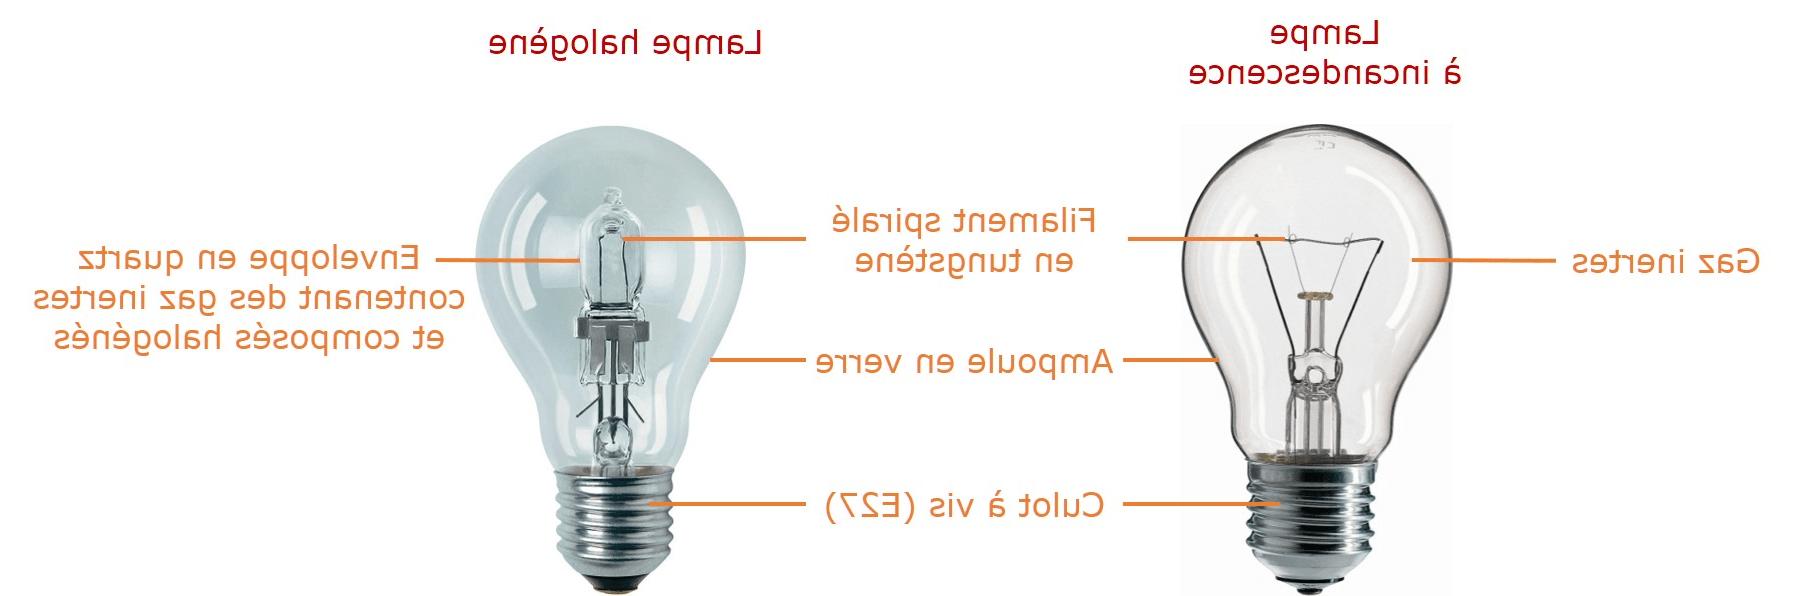 Pourquoi les ampoules halogènes sont interdites ?